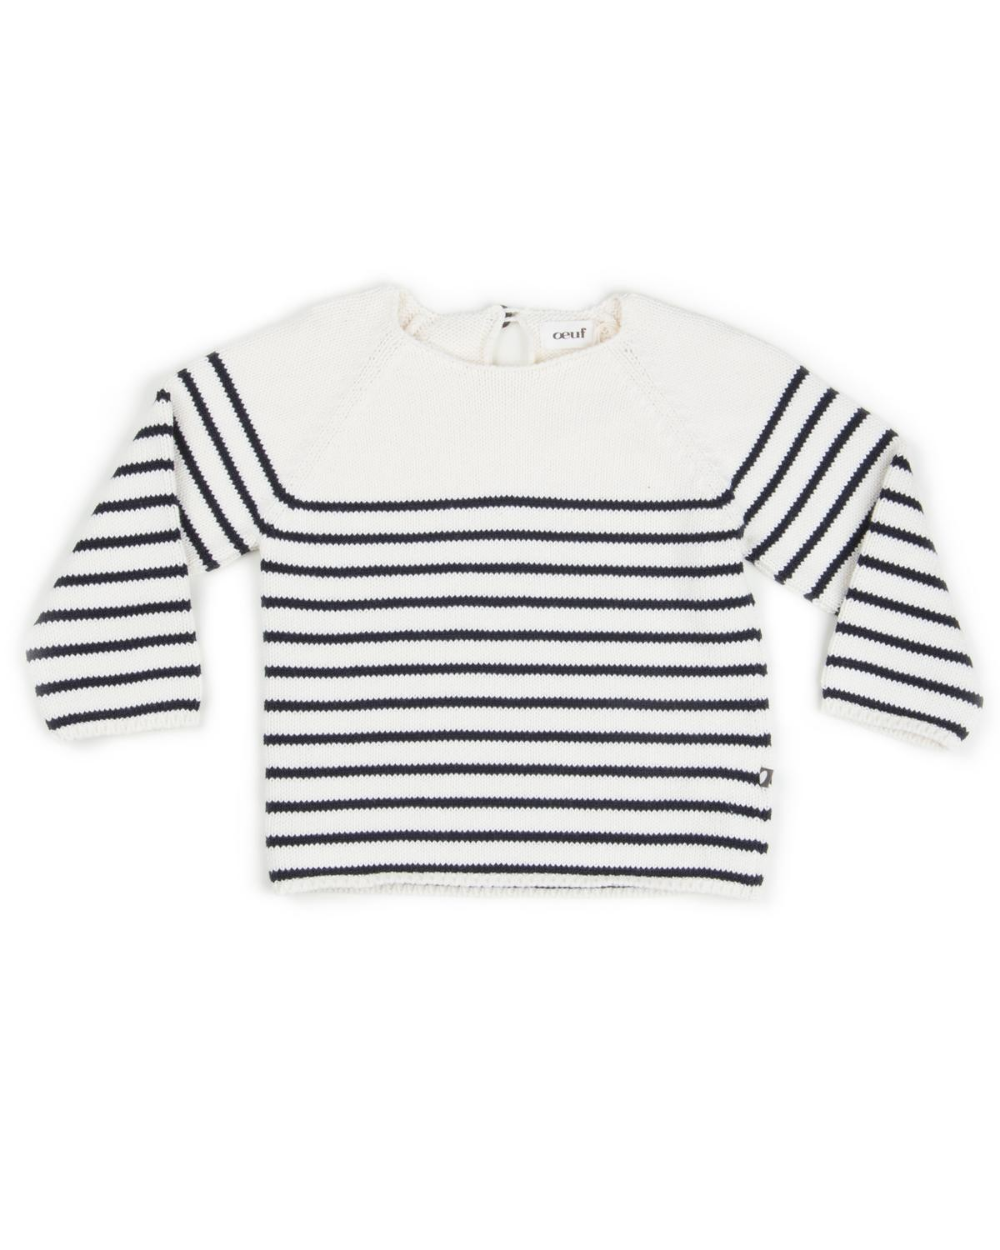 Oeuf Stripe Sweater